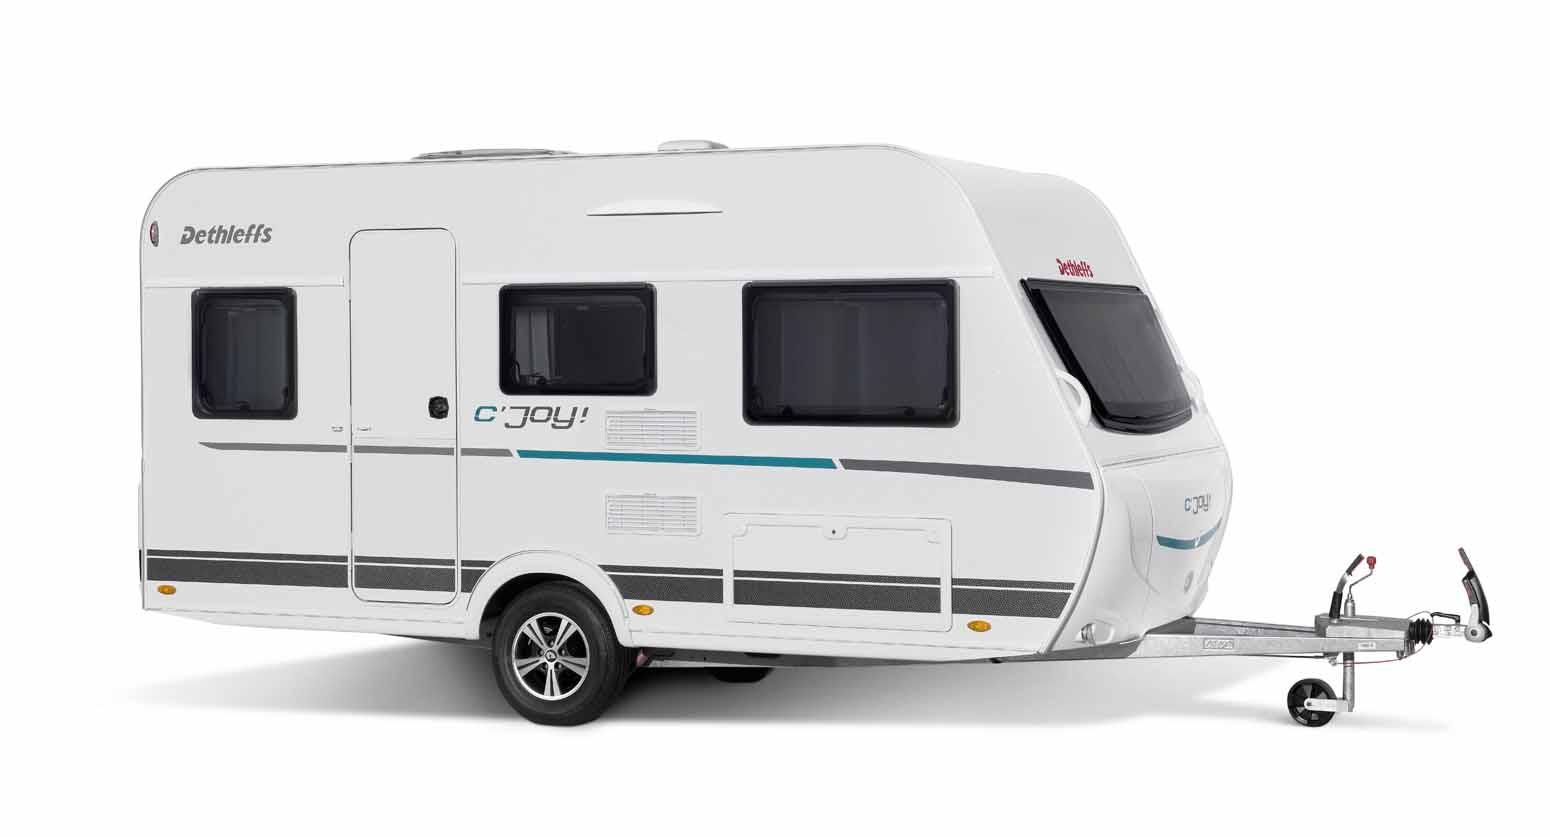 Wohnwagen Mit Etagenbett Und Einzelbetten : C joy wohnwagen dethleffs caravans und wohnwägen